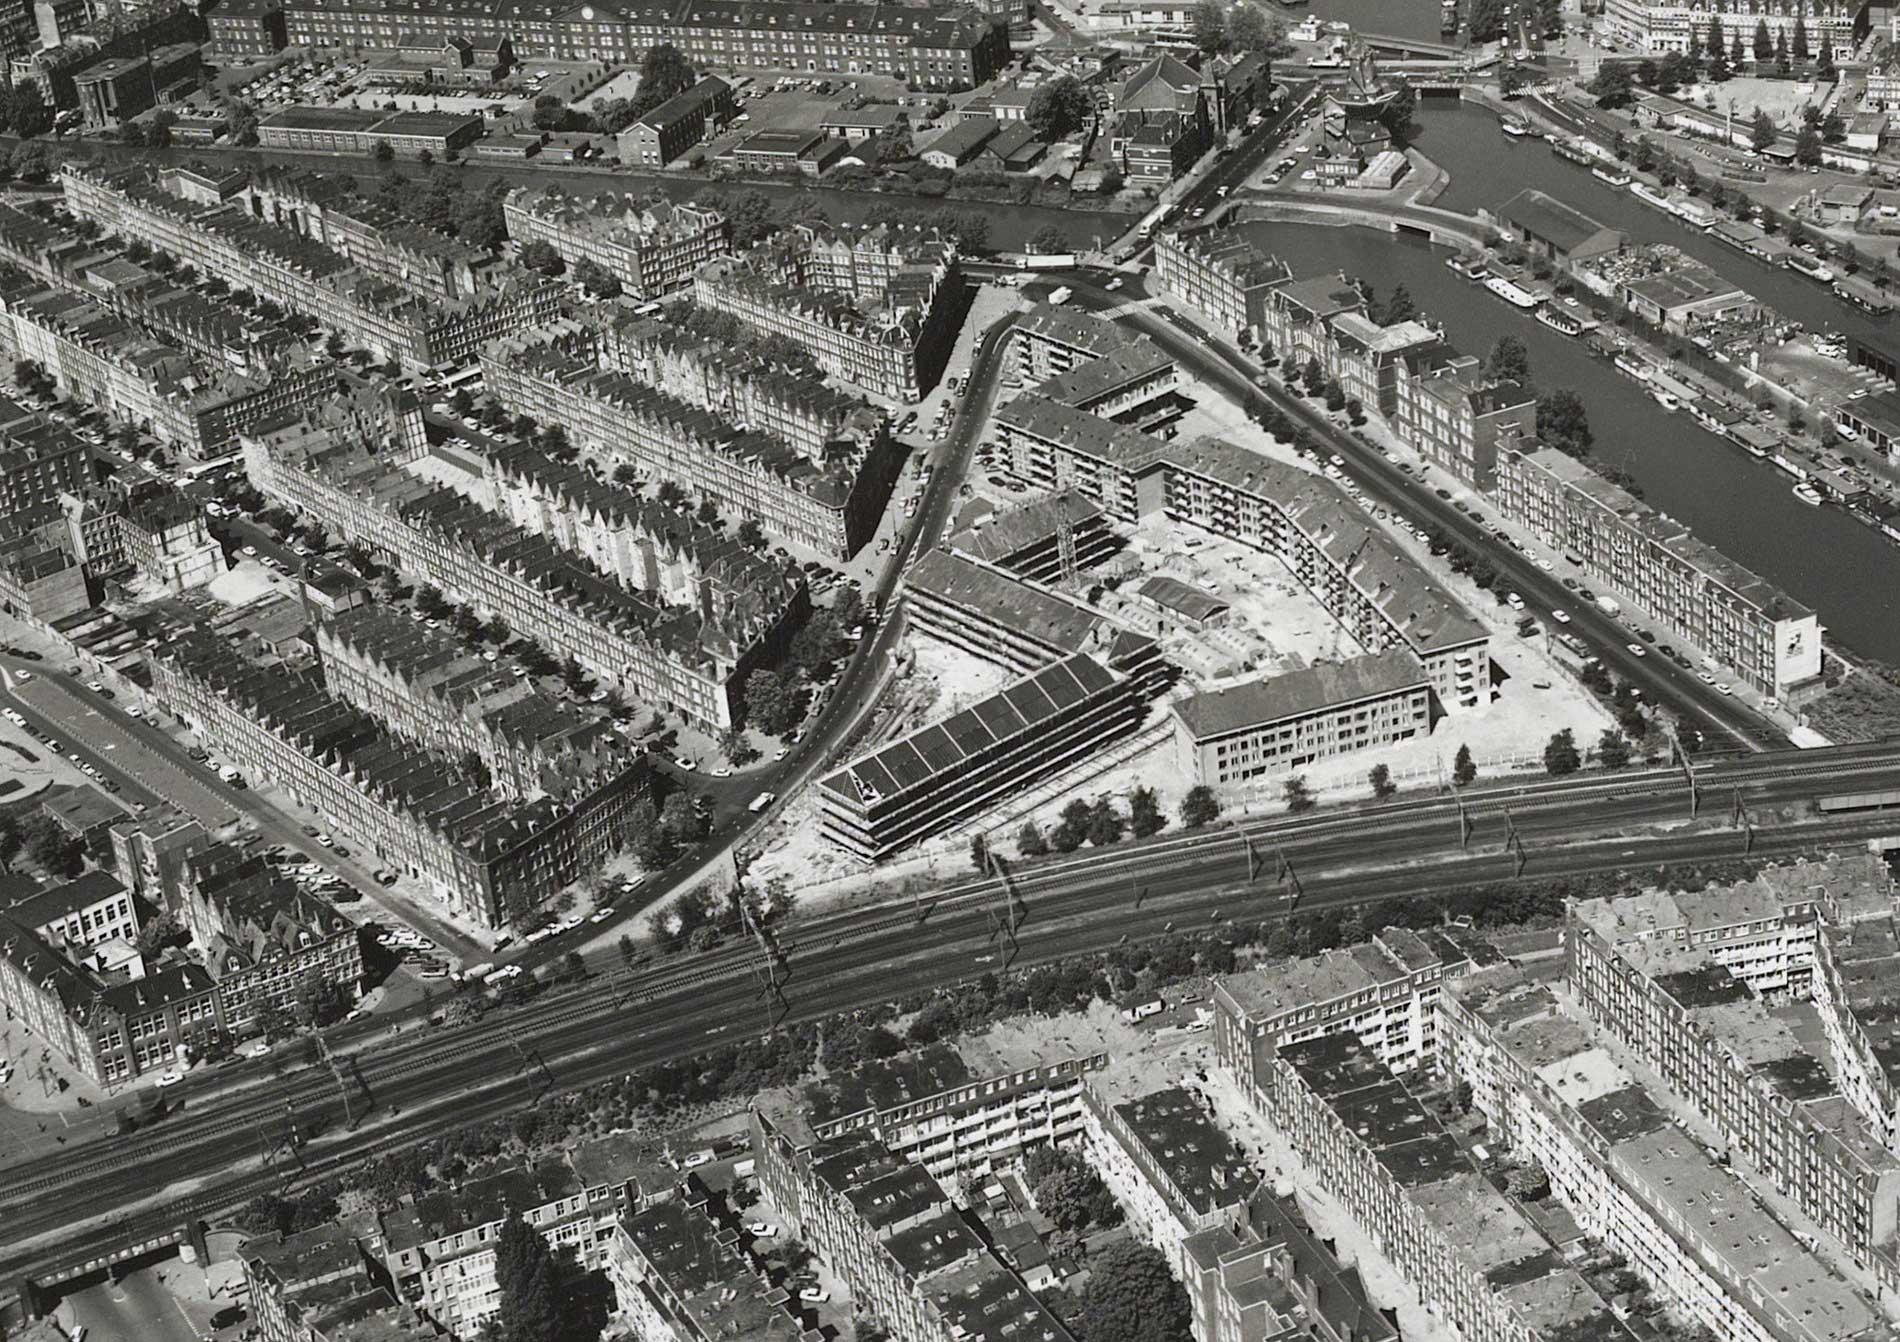 Luchtfoto met zicht op de roomtuintjes